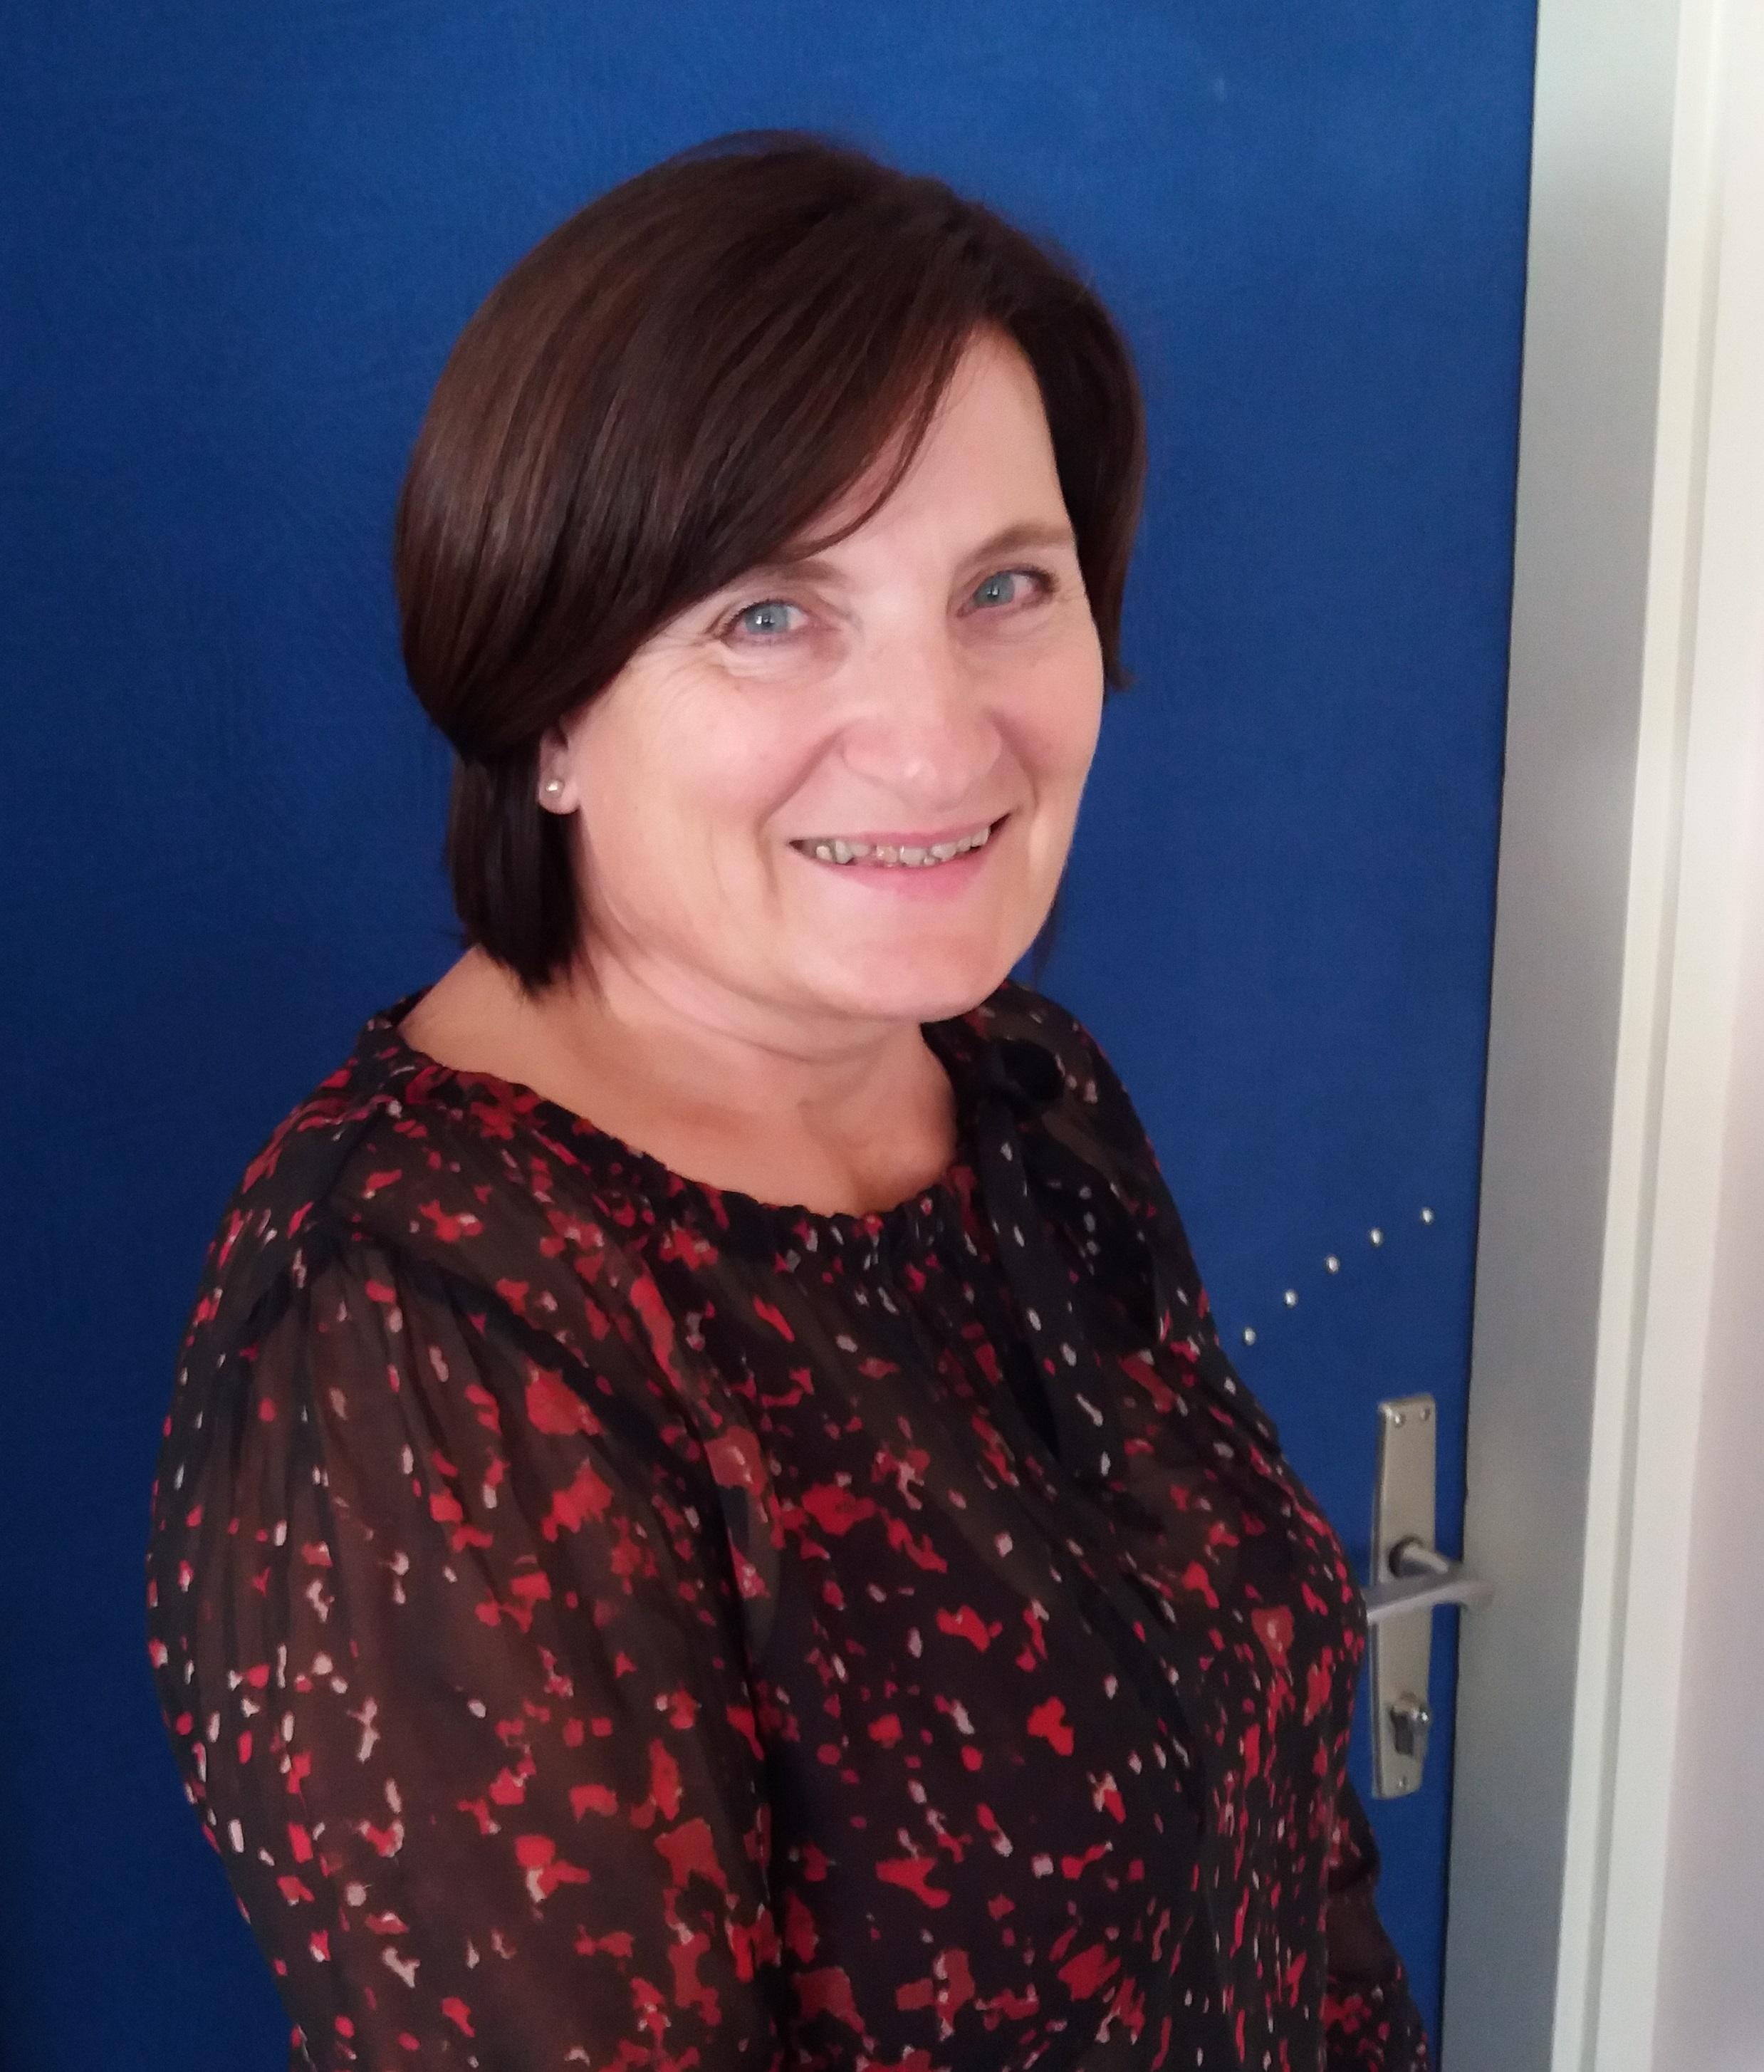 Ravnateljica Nevenka Kus